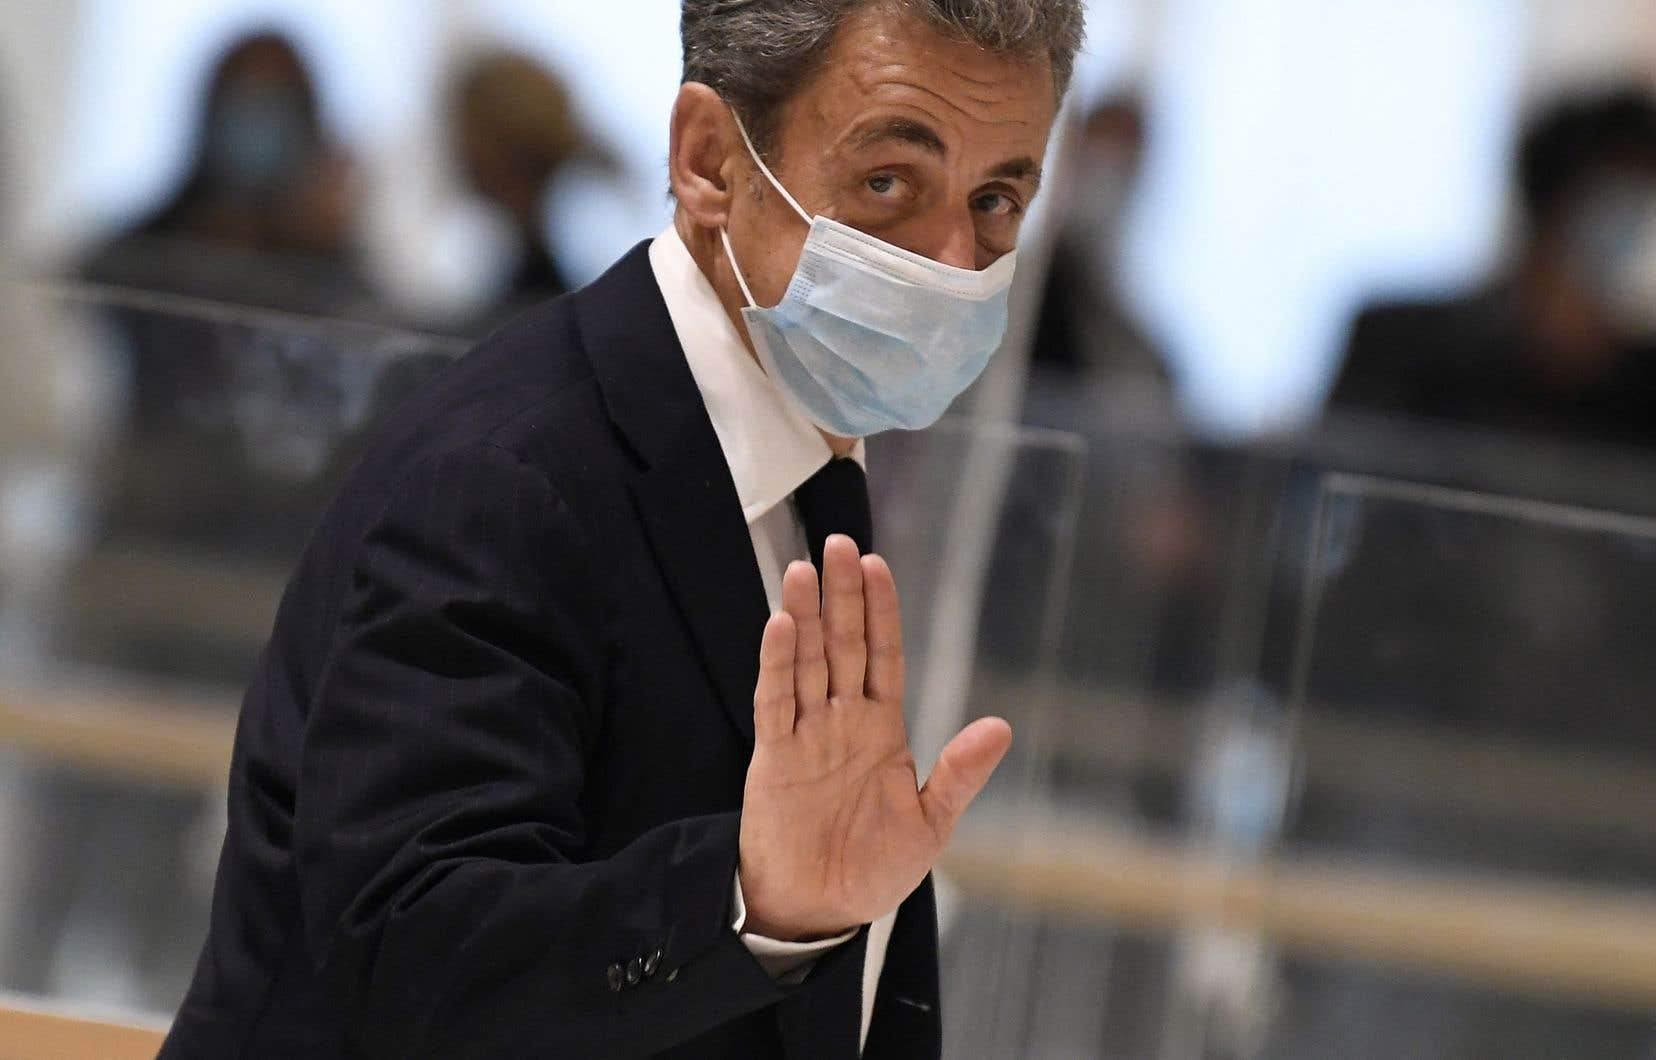 C'est la seconde fois en quinze jours que l'ancien président français se retrouve devant la justice.